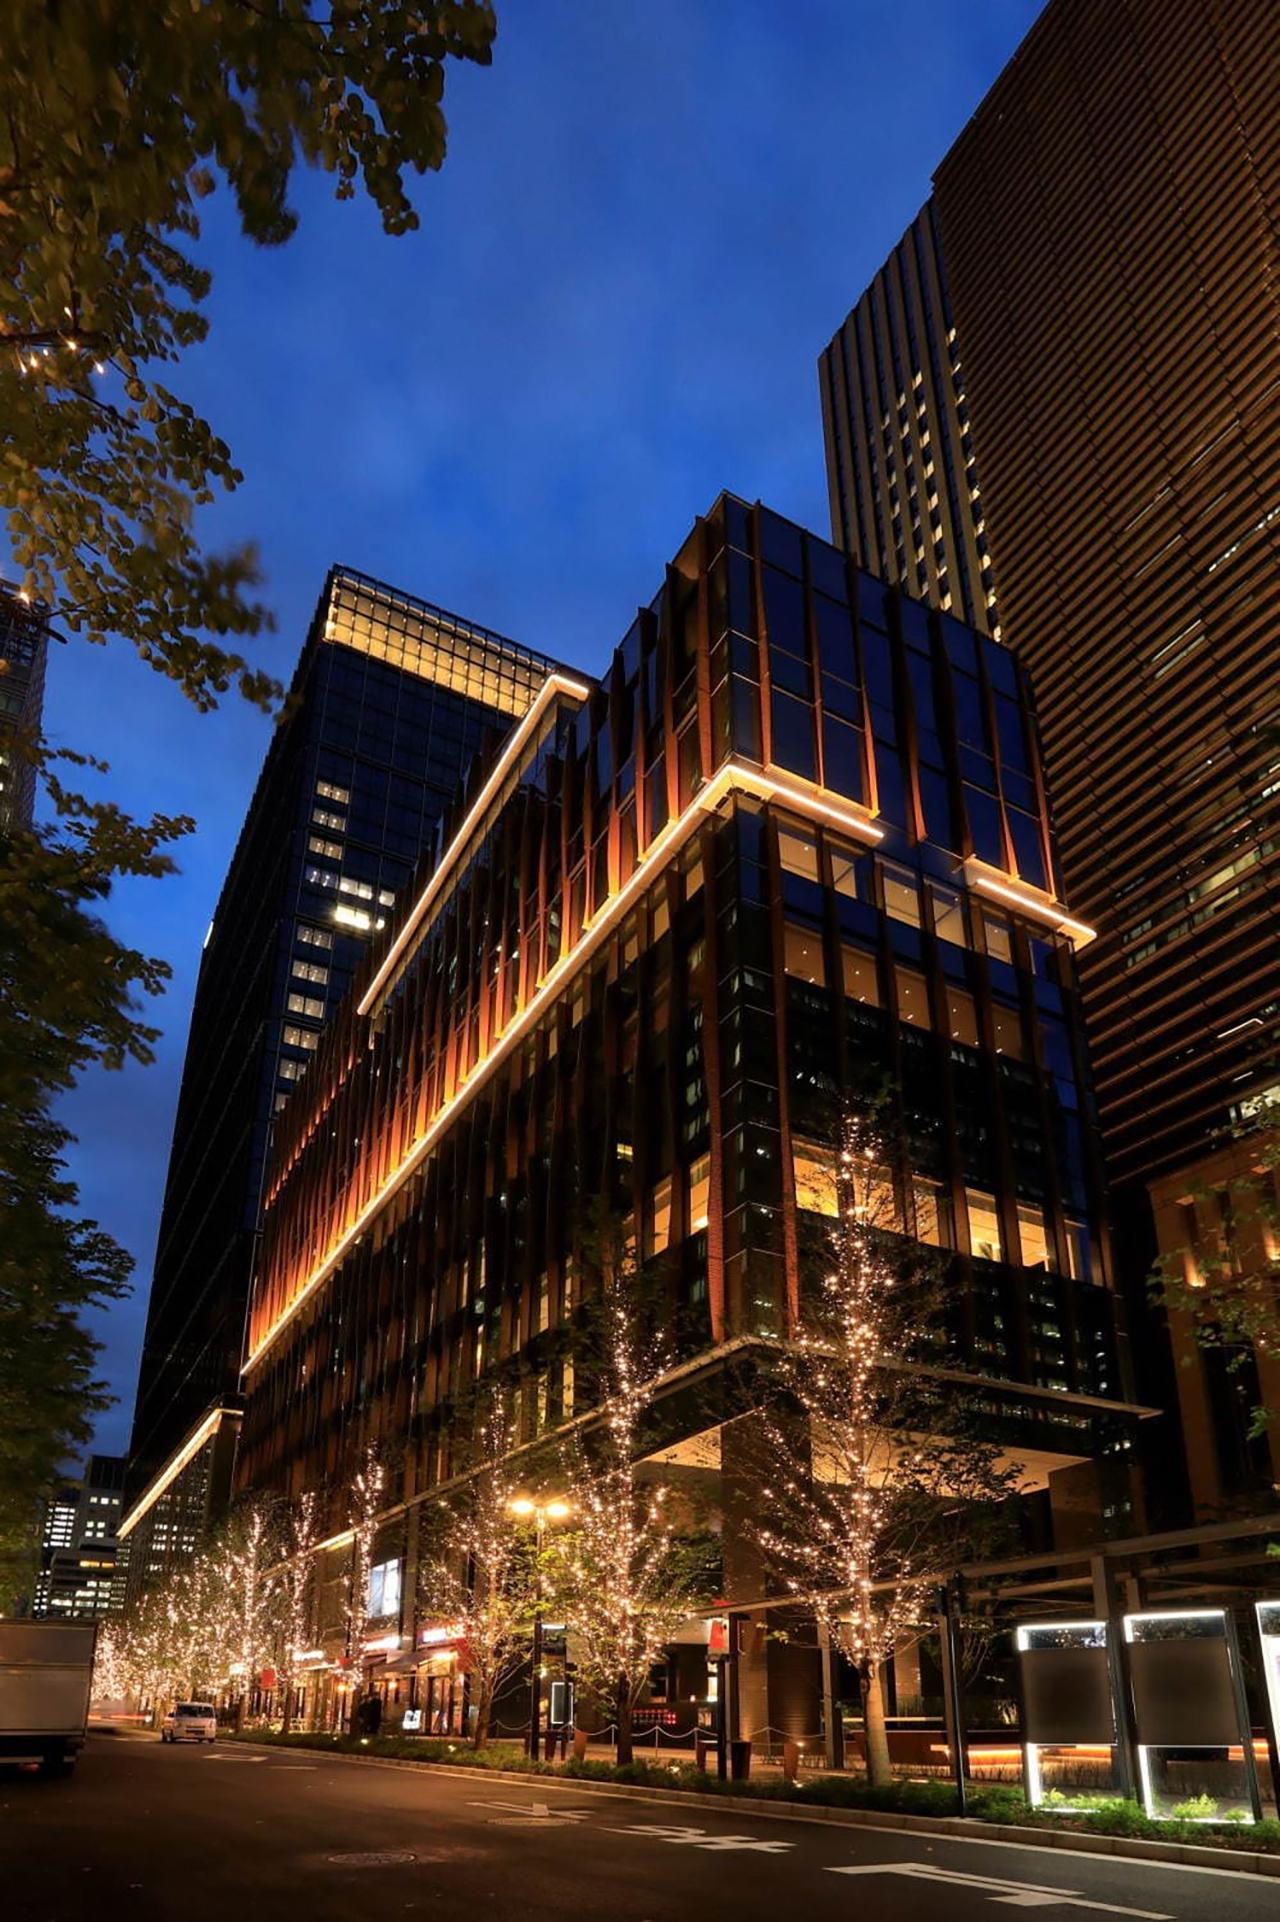 อาคาร Marunouchi Terrace ตั้งอยู่ในย่านมารุโนะอุจิ